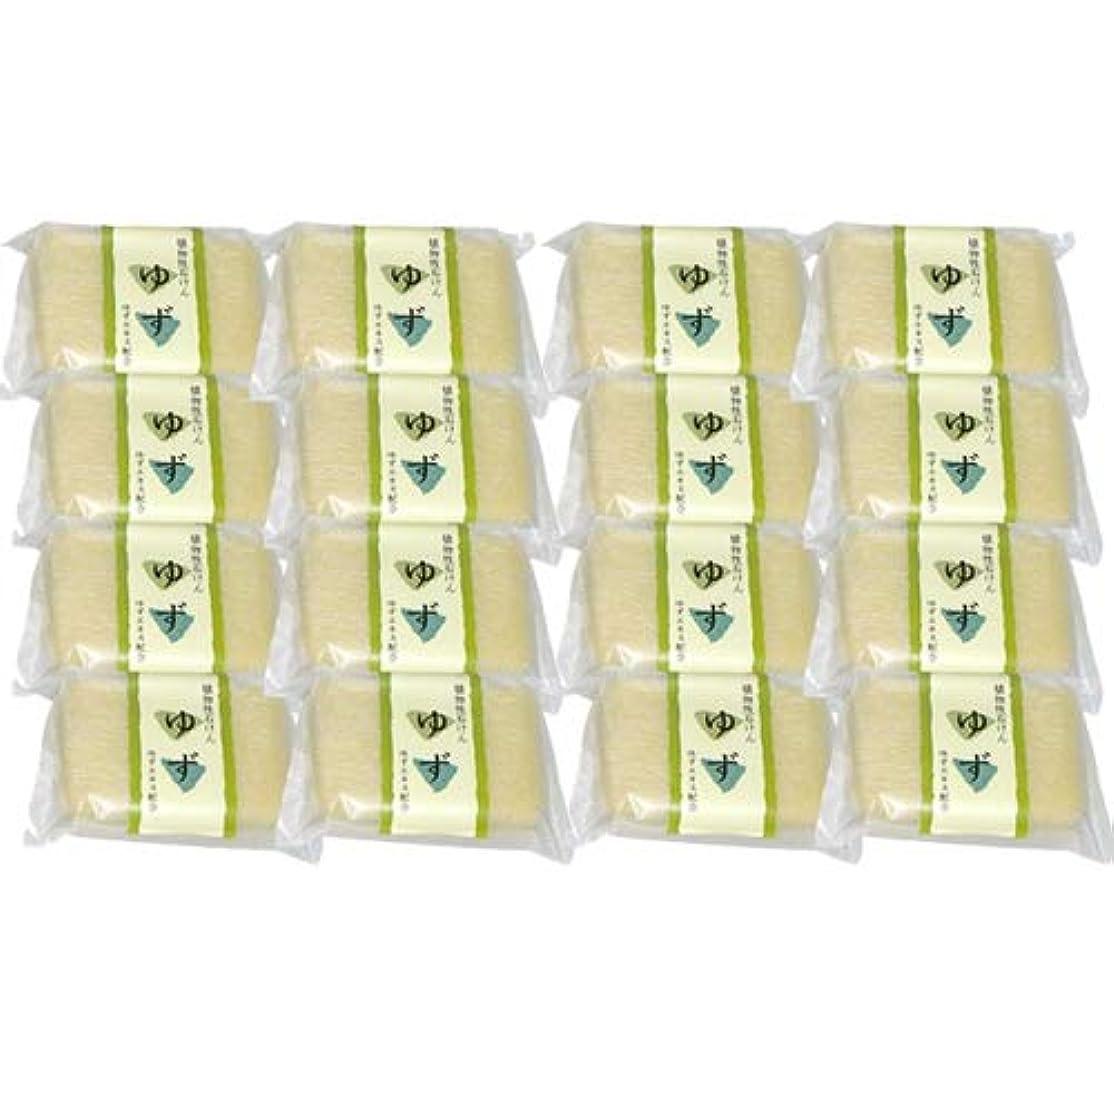 苦味大乳製品植物性ソープ 自然石けん ゆず 80g×16個セット